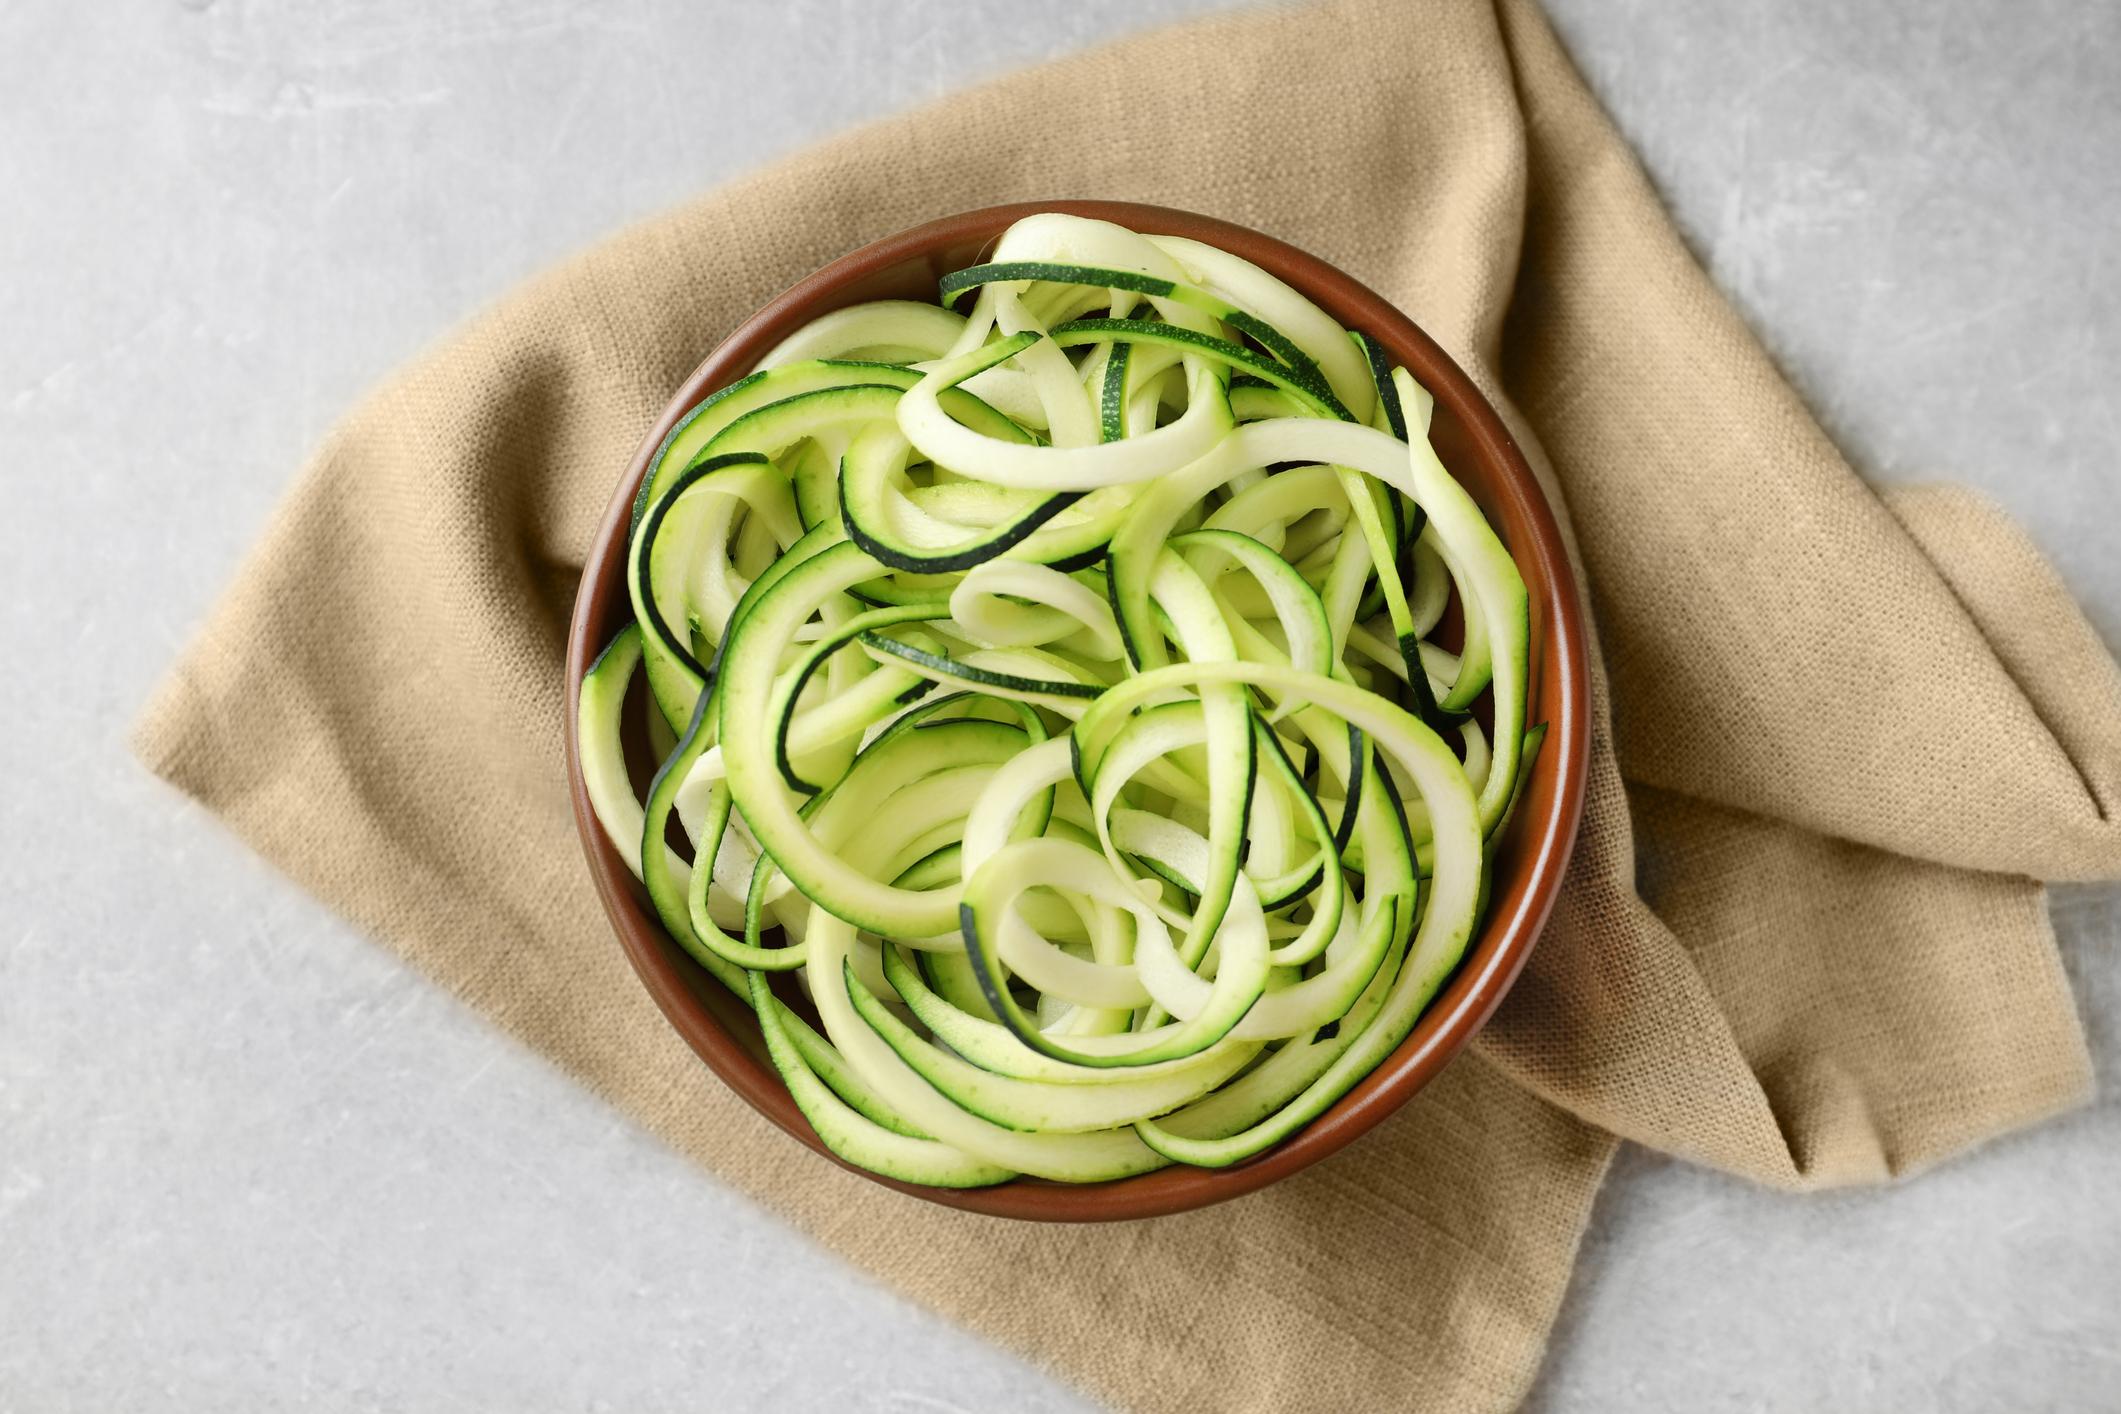 Zucchini spaghetti.